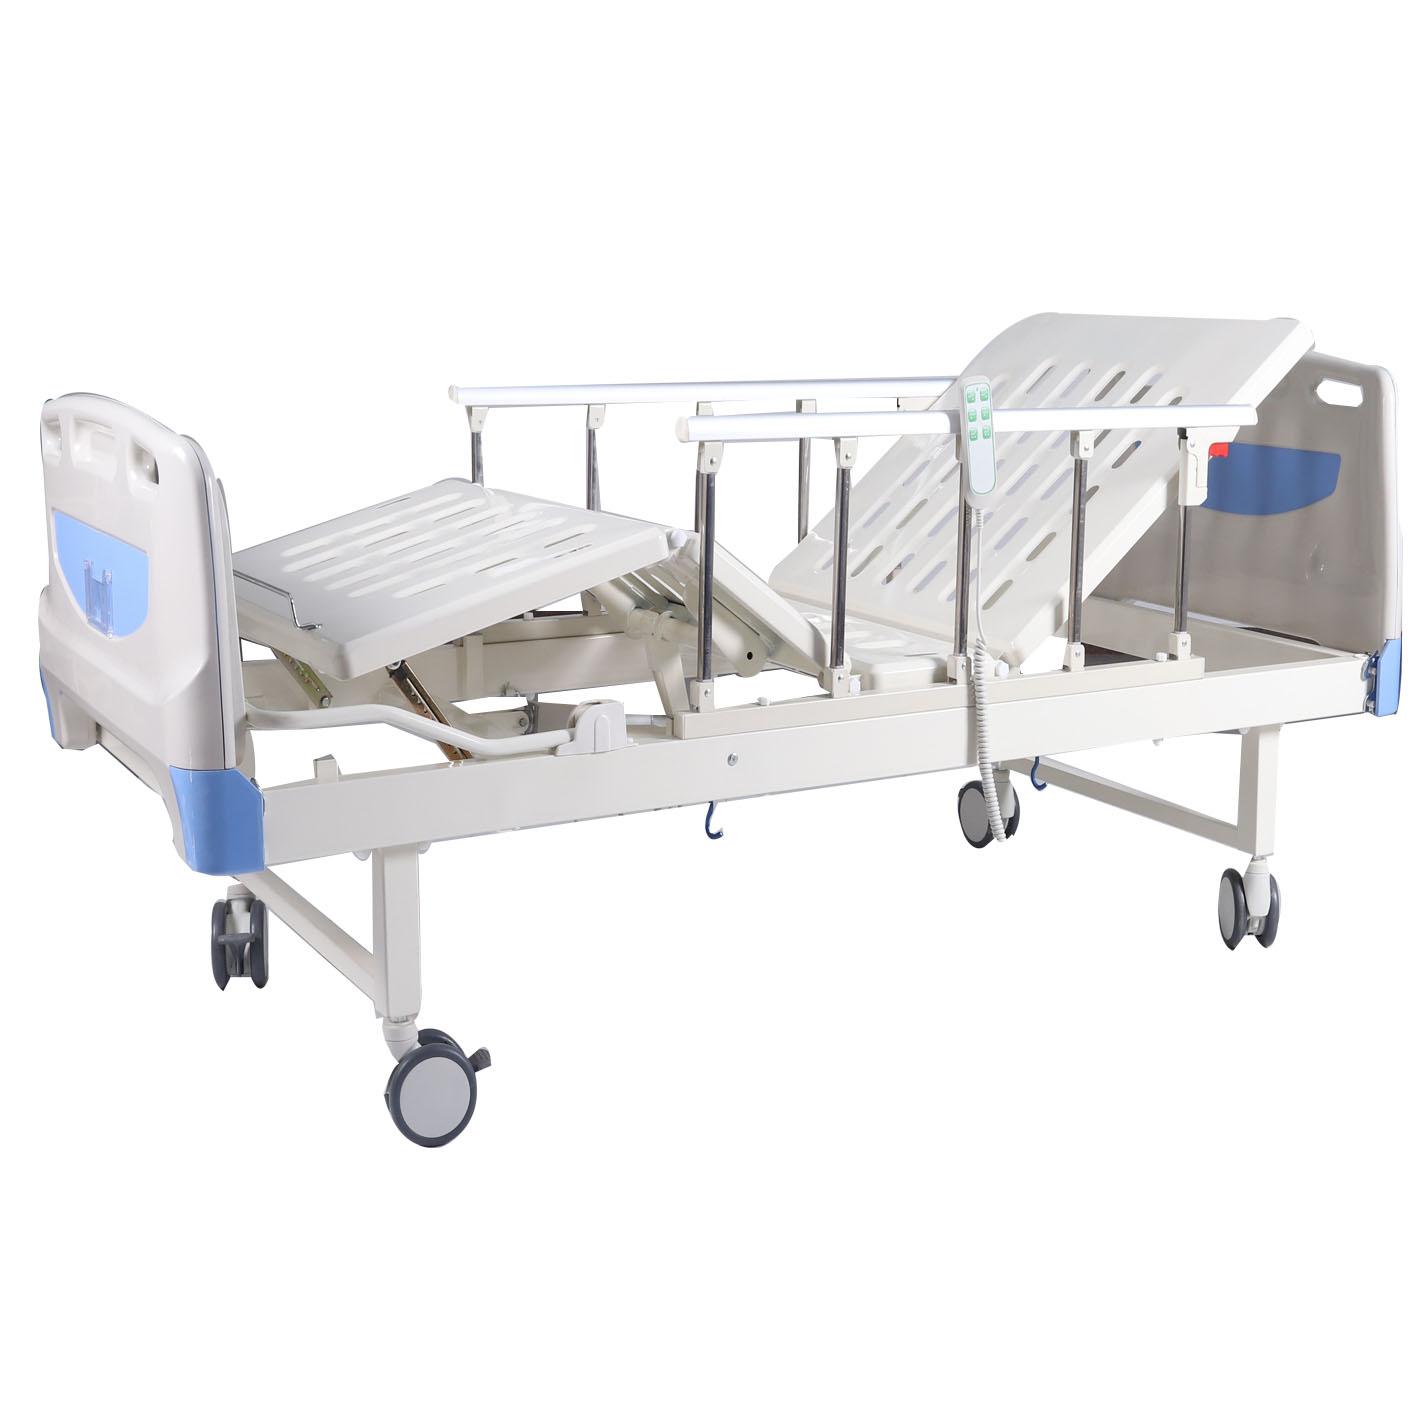 에이치베드 전동식 의료용침대 2모터 (매트포함), 1대 (POP 1335751945)